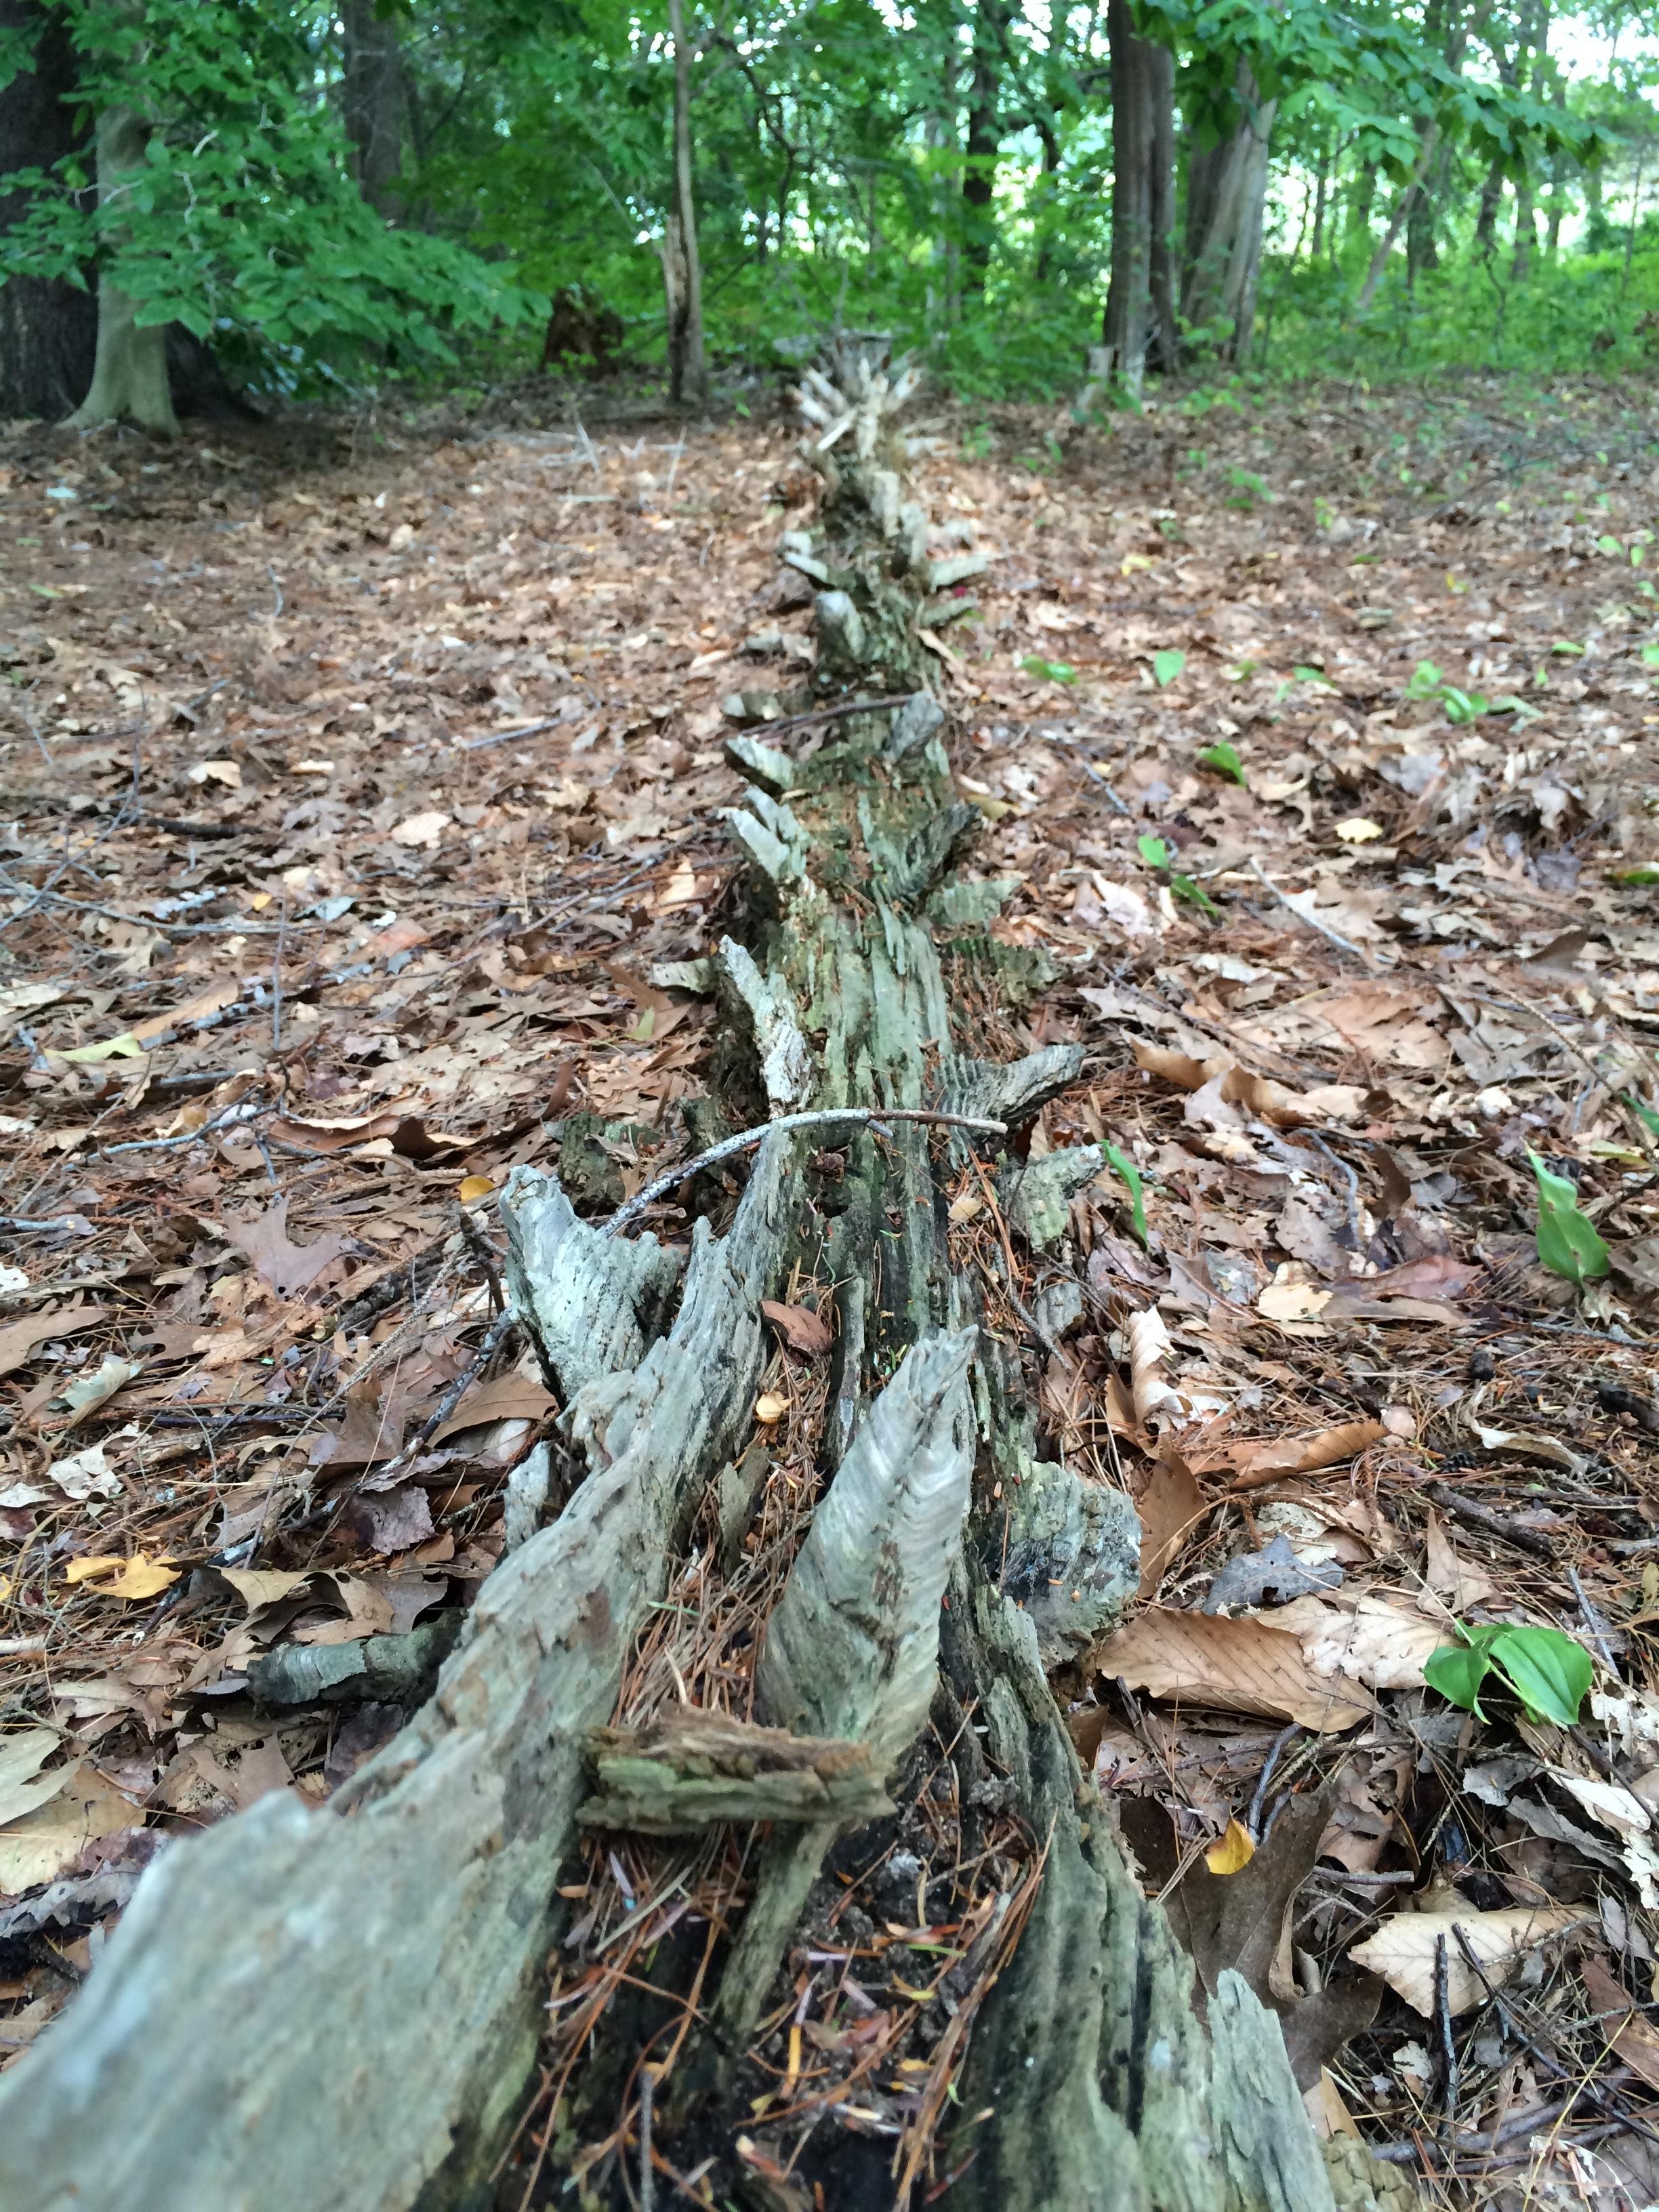 Fallen timber at Deer Island